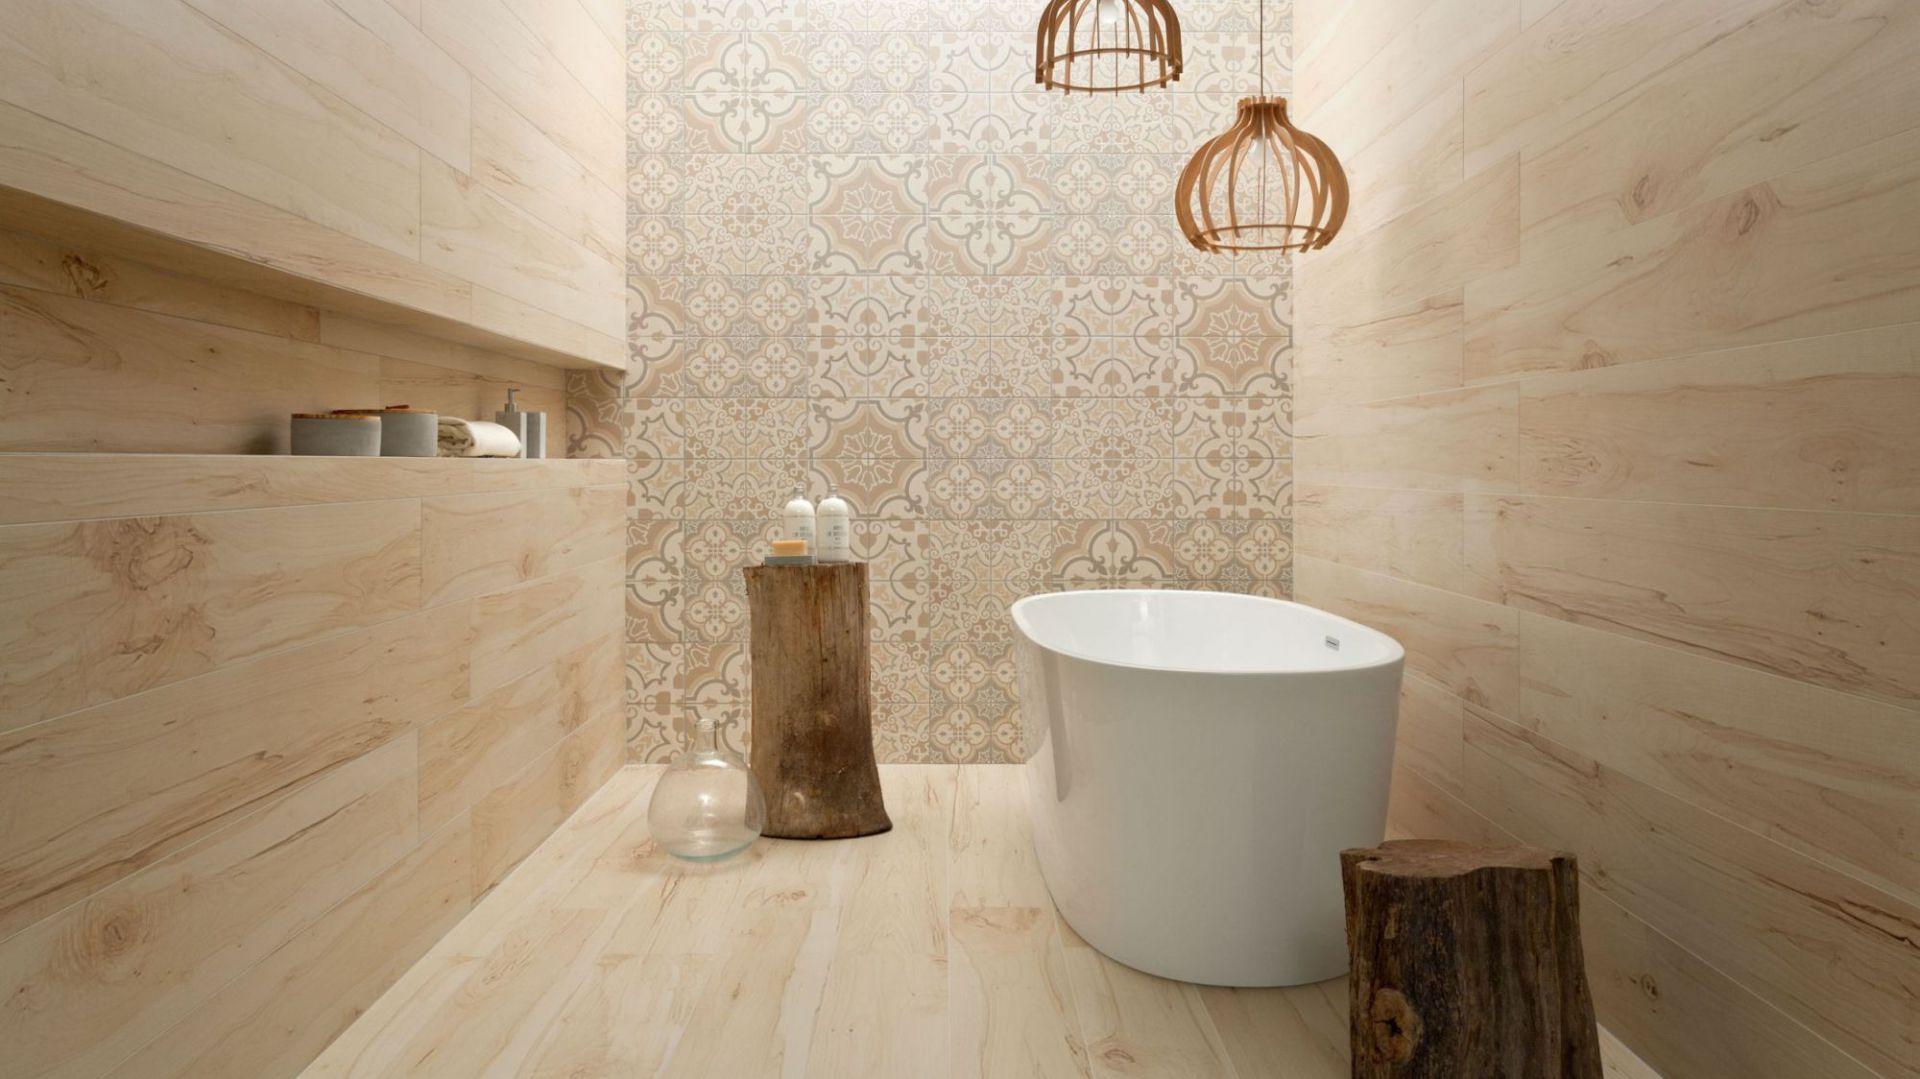 Aranżacja łazienki: płytki jak drewno zaprojektowane przez Macieja Zienia. Fot. Tubądzin